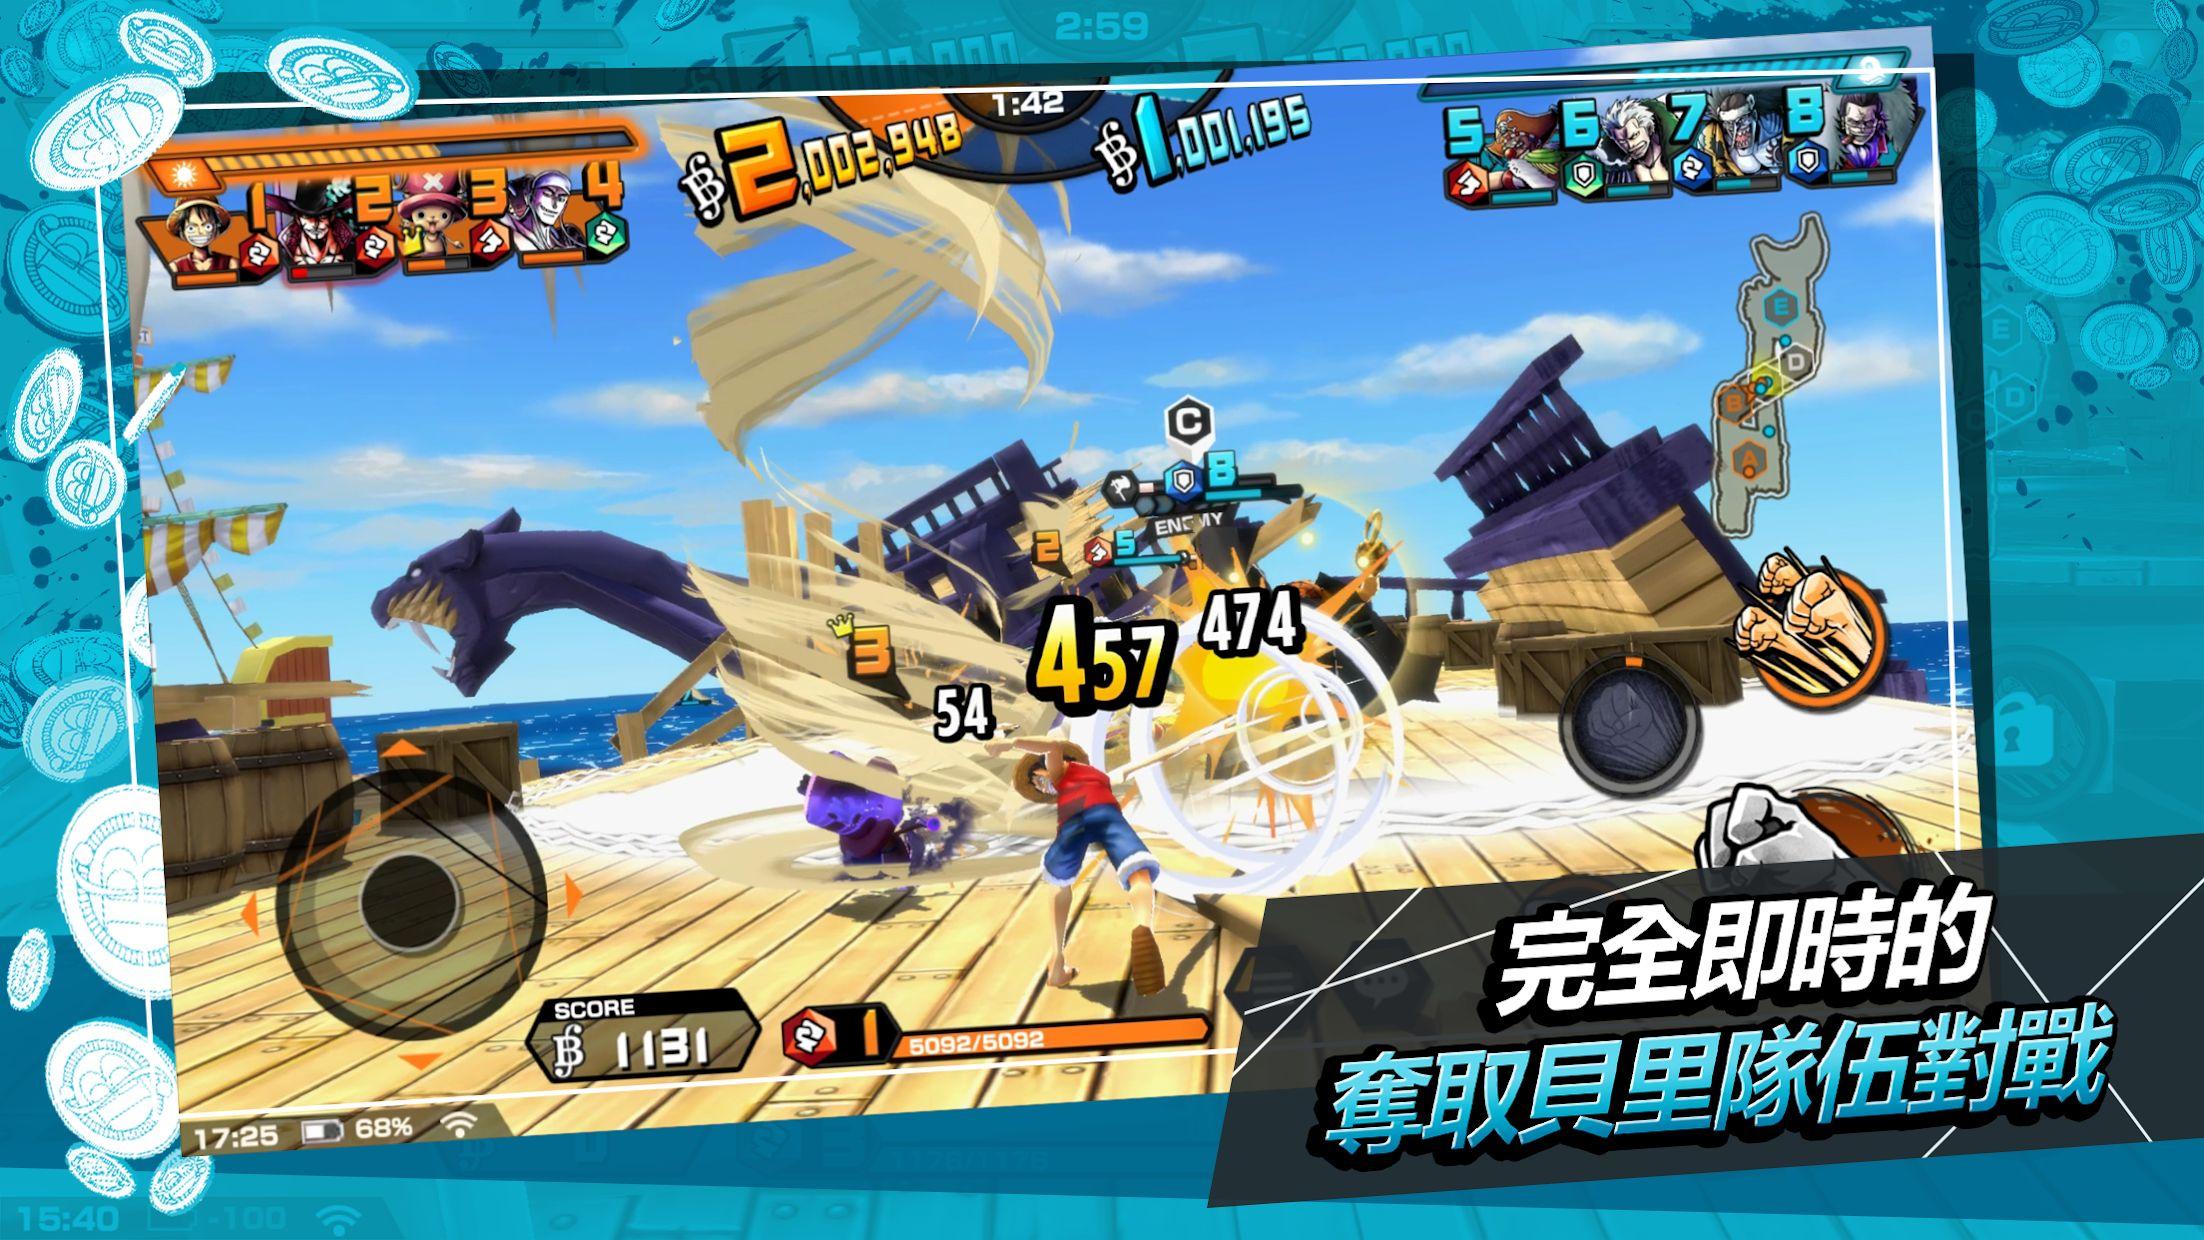 海贼王 赏金猎人(ONE PIECE Bounty Rush) 游戏截图4